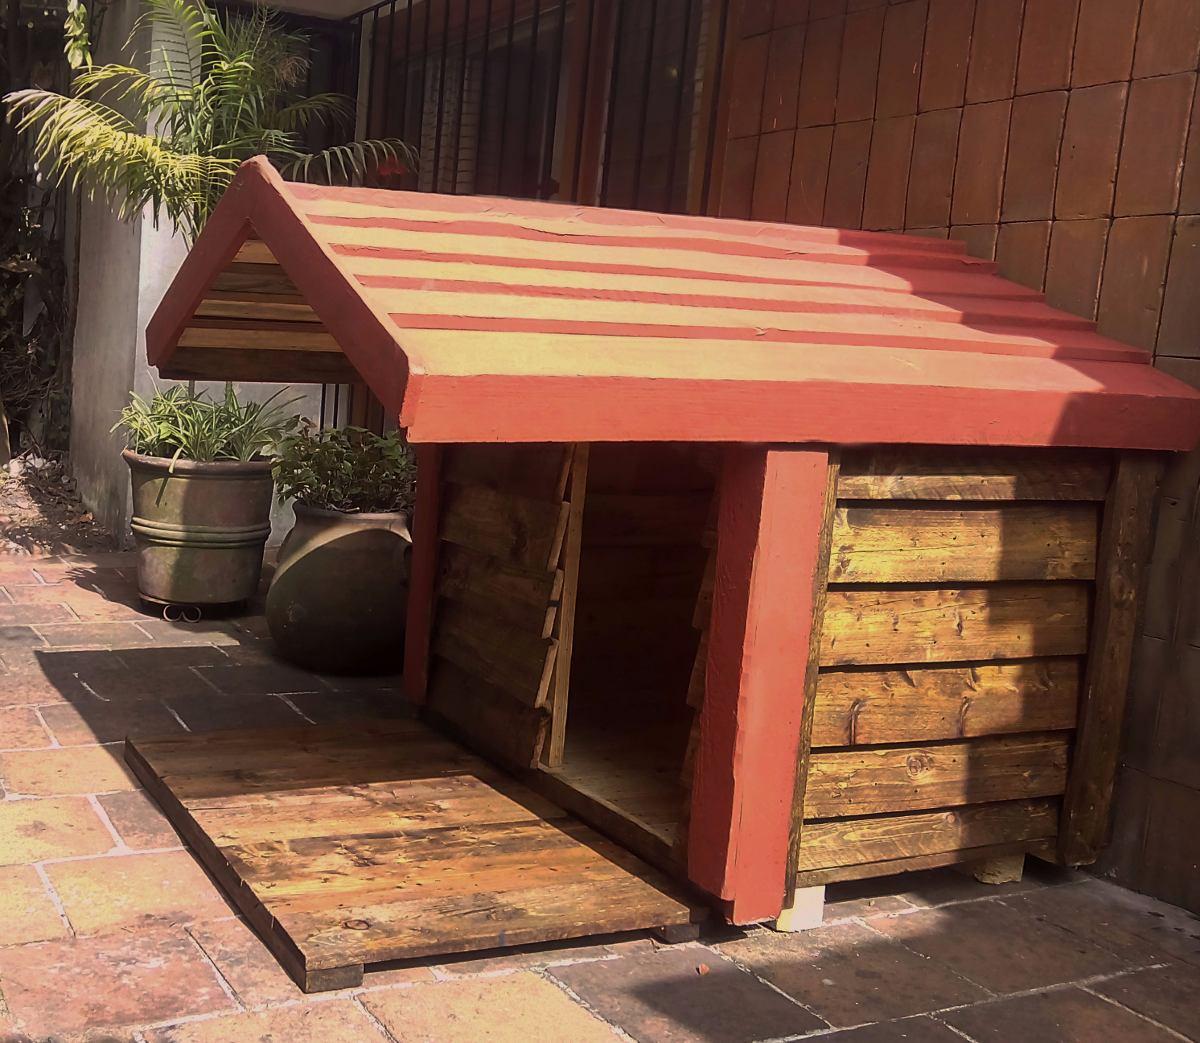 Casa de madera para perro terraza impermeabilizada dogo - Madera para terraza ...